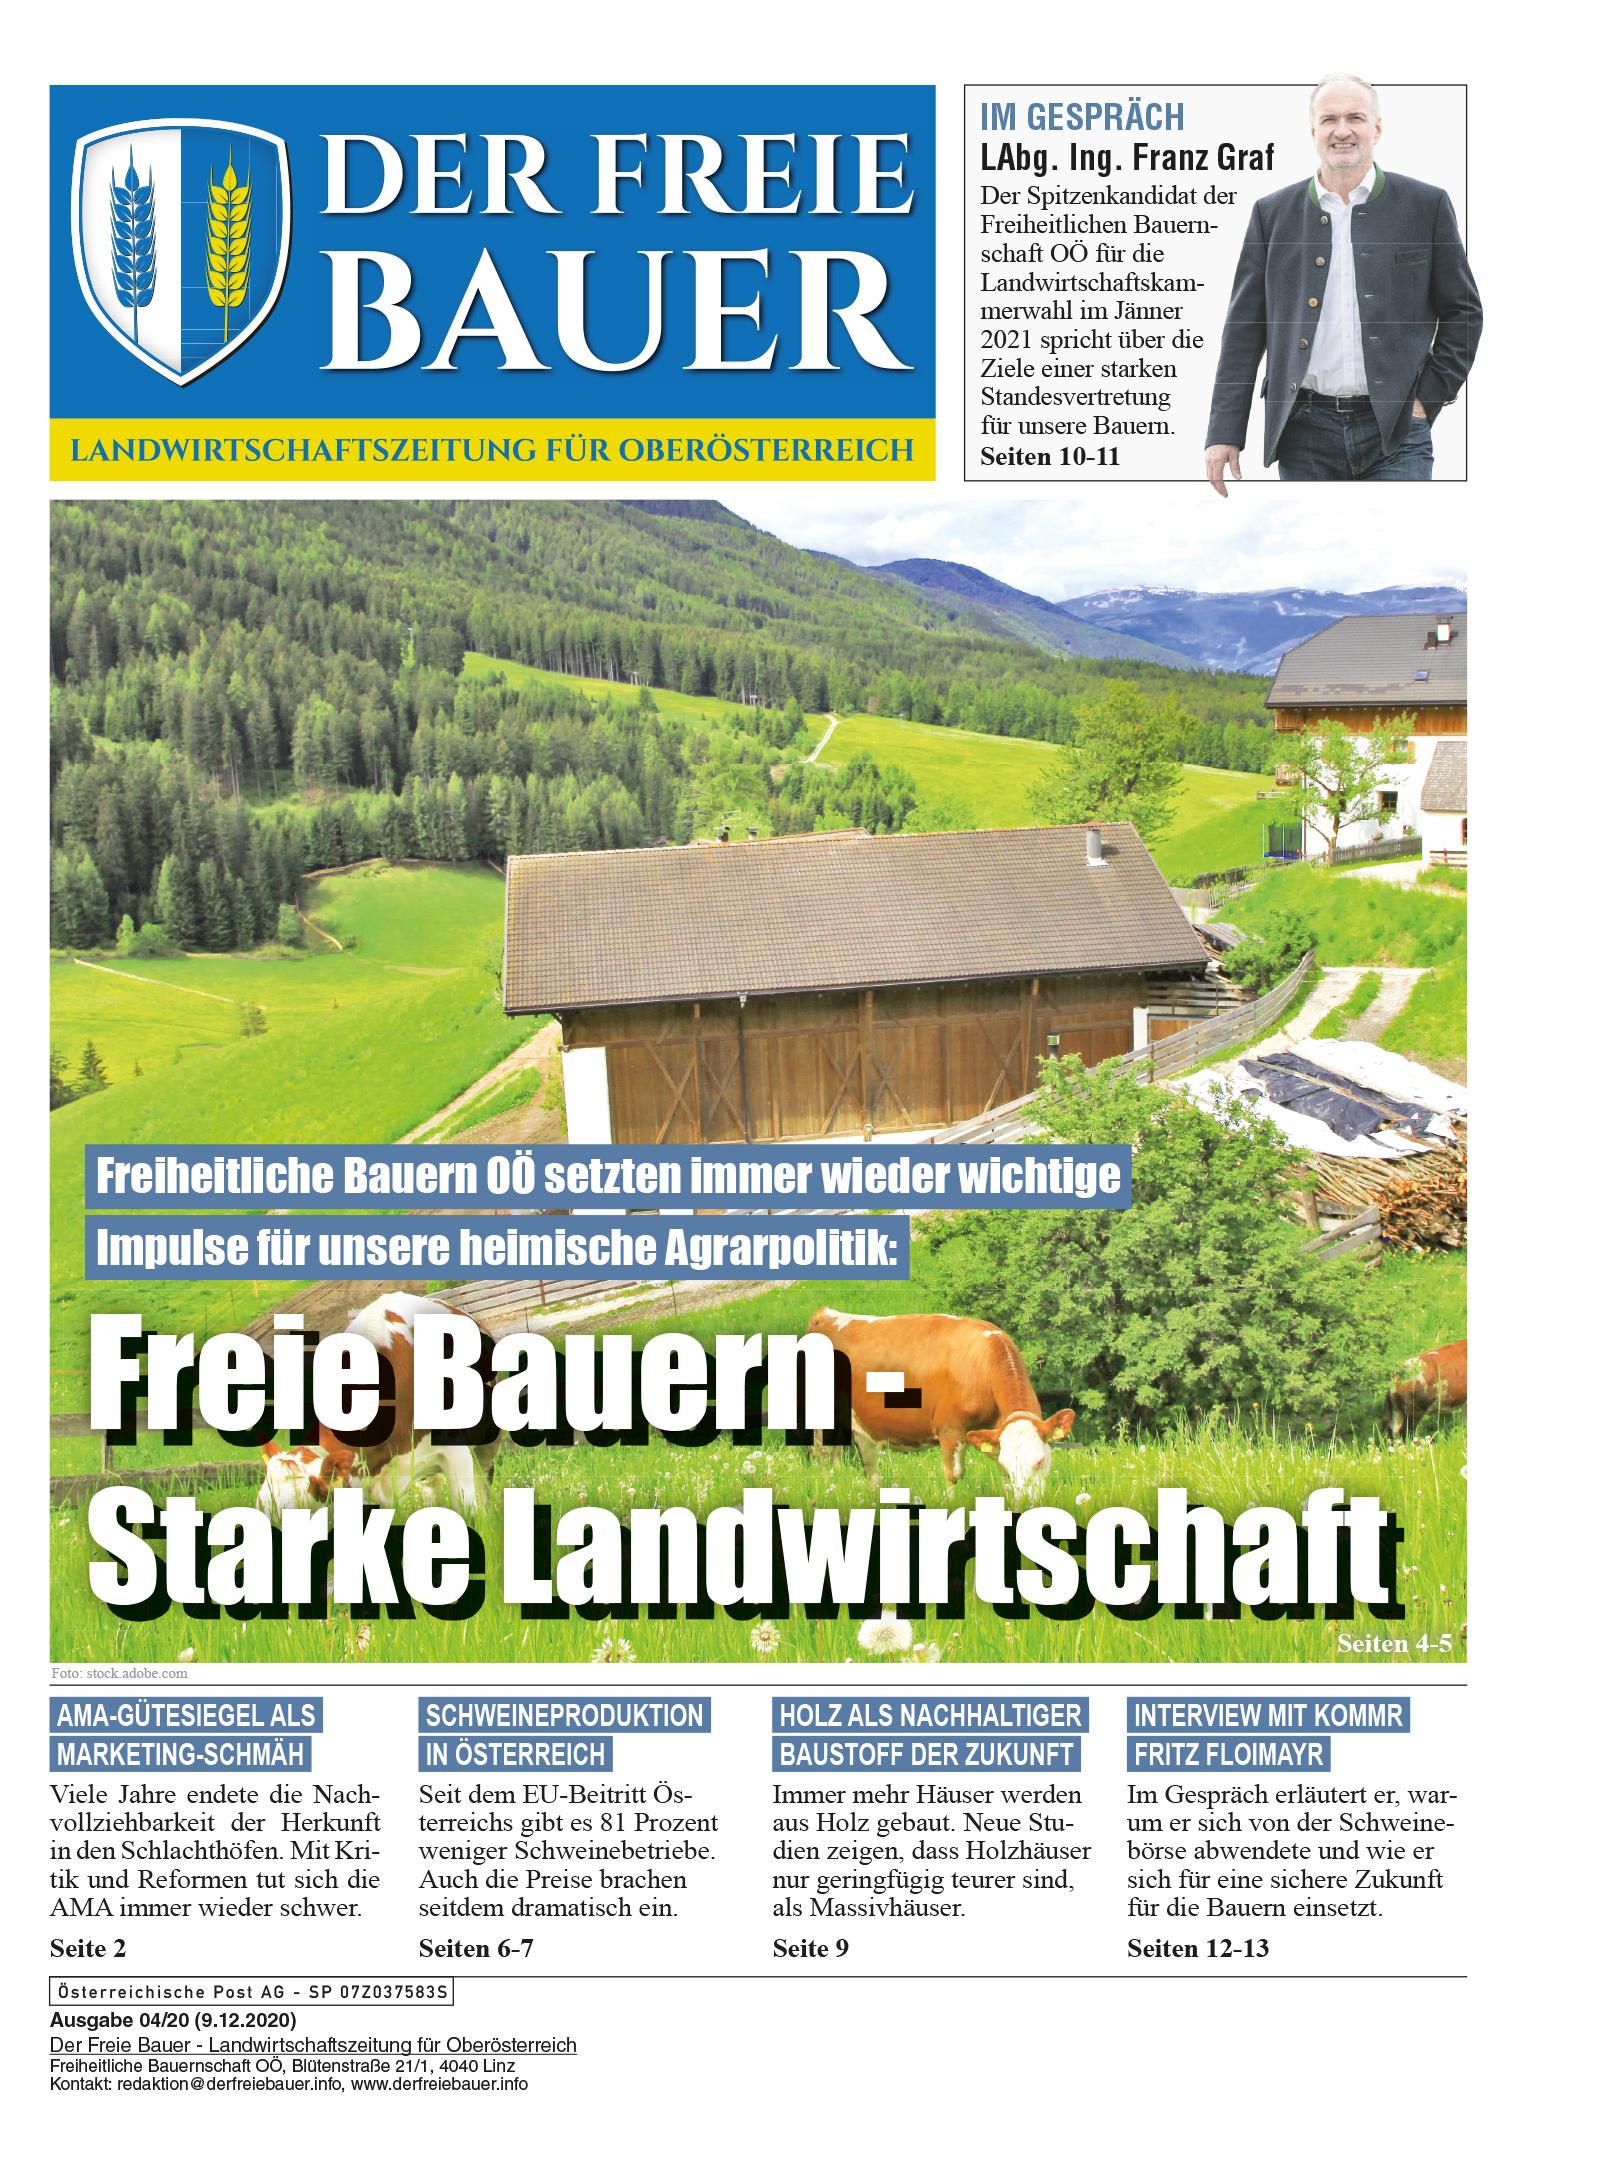 Der Freie Bauer 04/2020